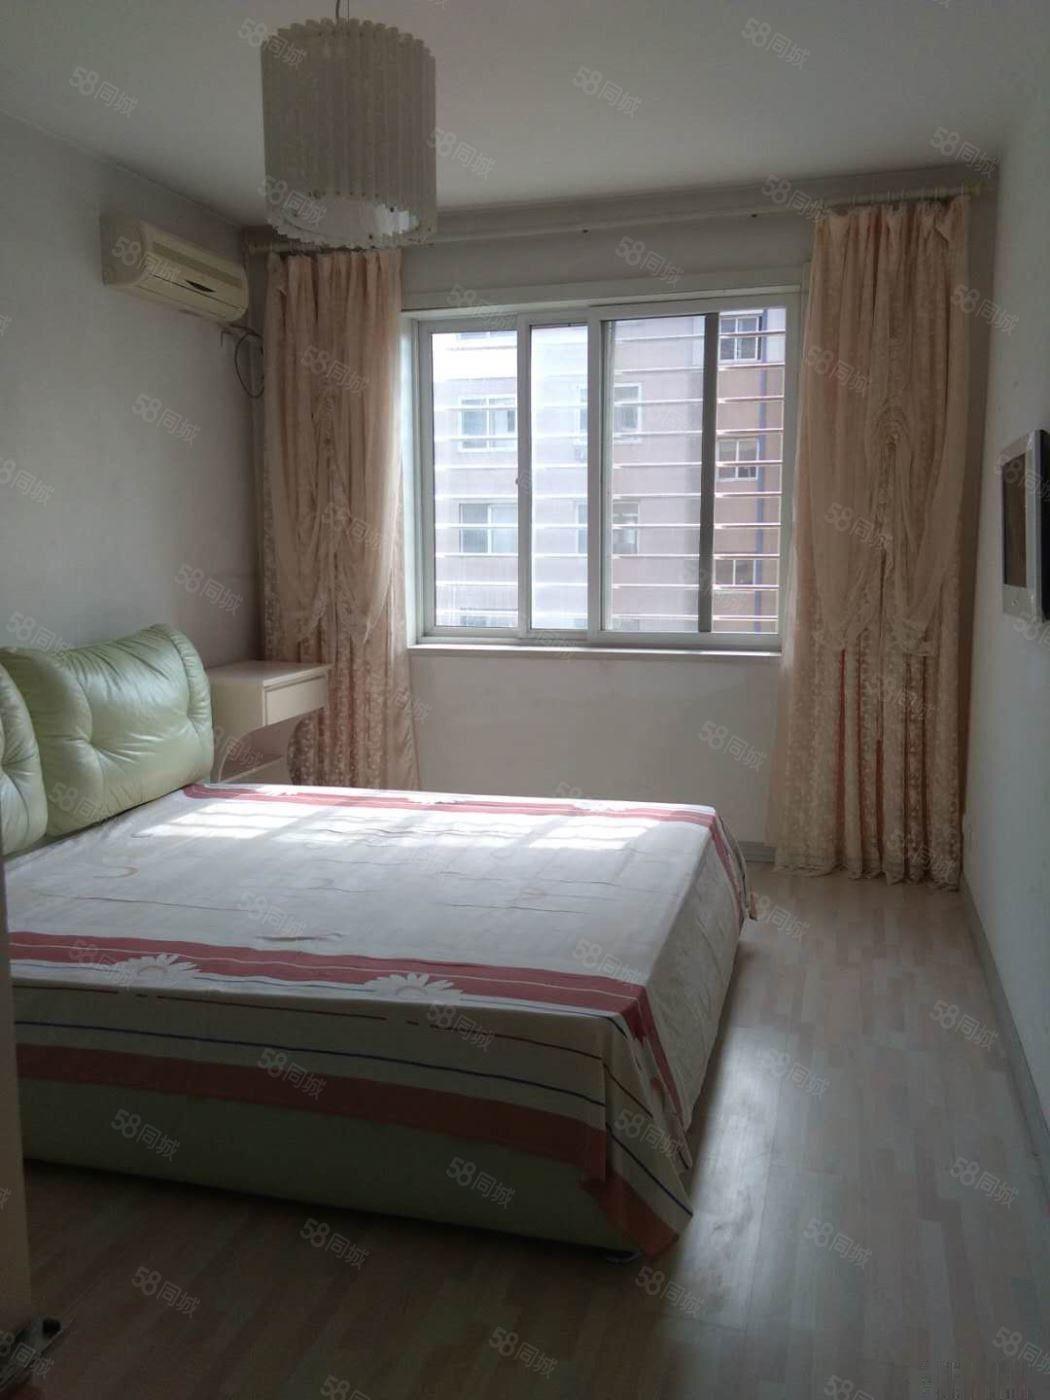 凌云书香苑115平2室2厅1卫家具家电齐全带空调